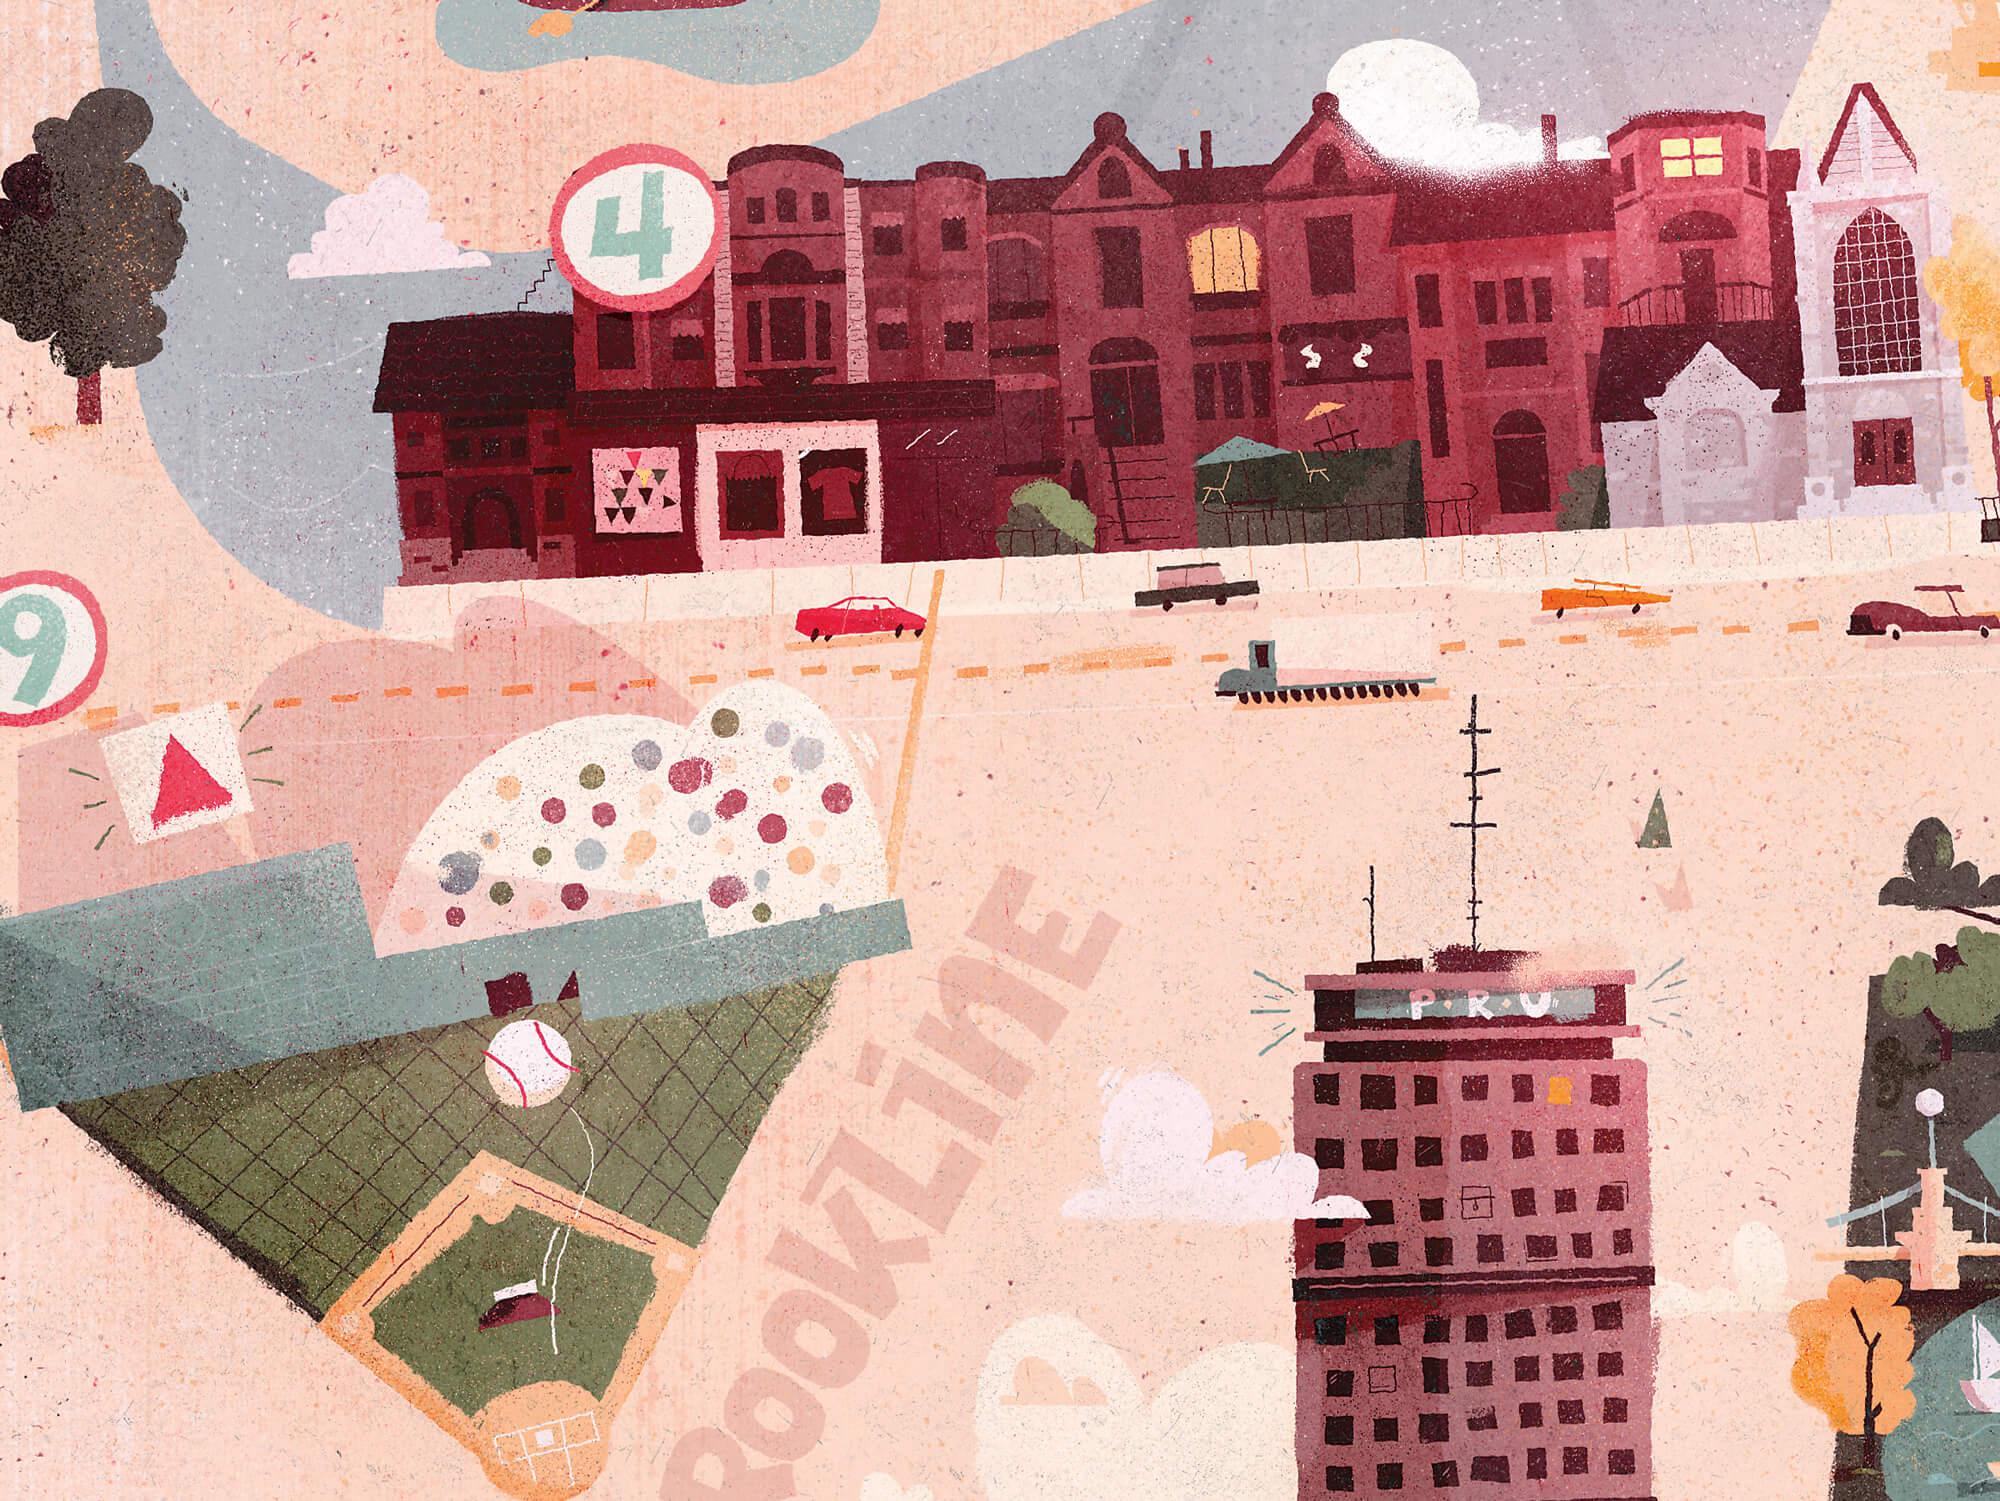 uber.boston-bonehaus-detai4.jpg